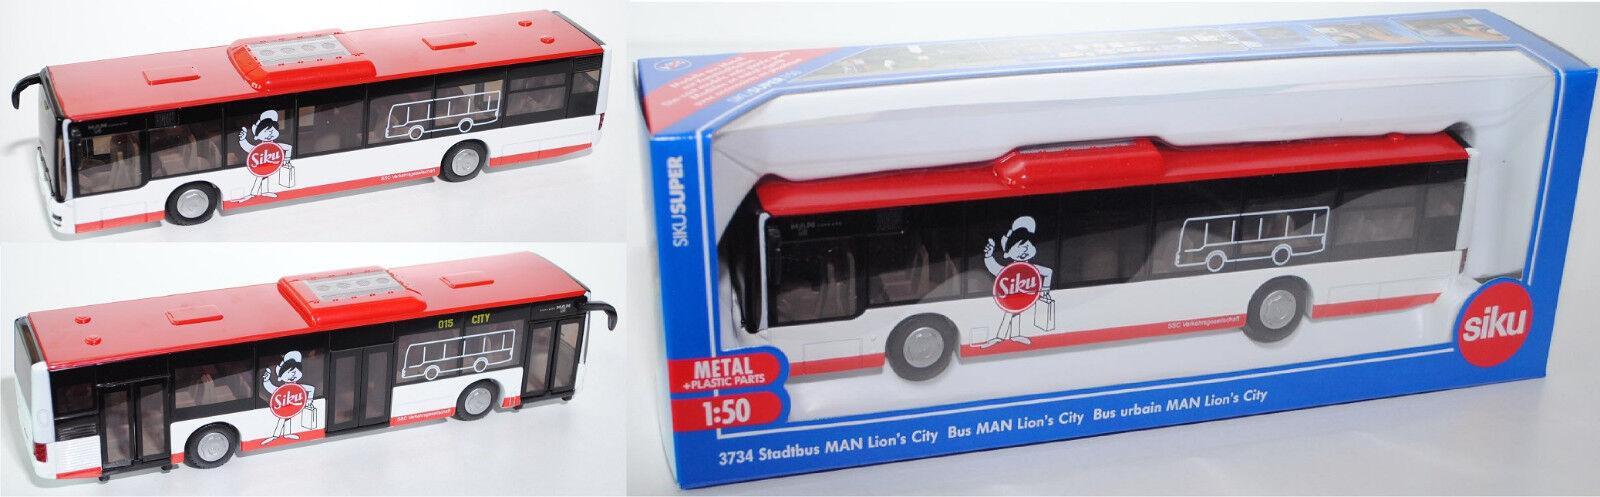 SIKU SUPER 3734 surbaissé MAN LION'S CITY solobus SSC Spécial Modèle 1:50 | Simple D'utilisation